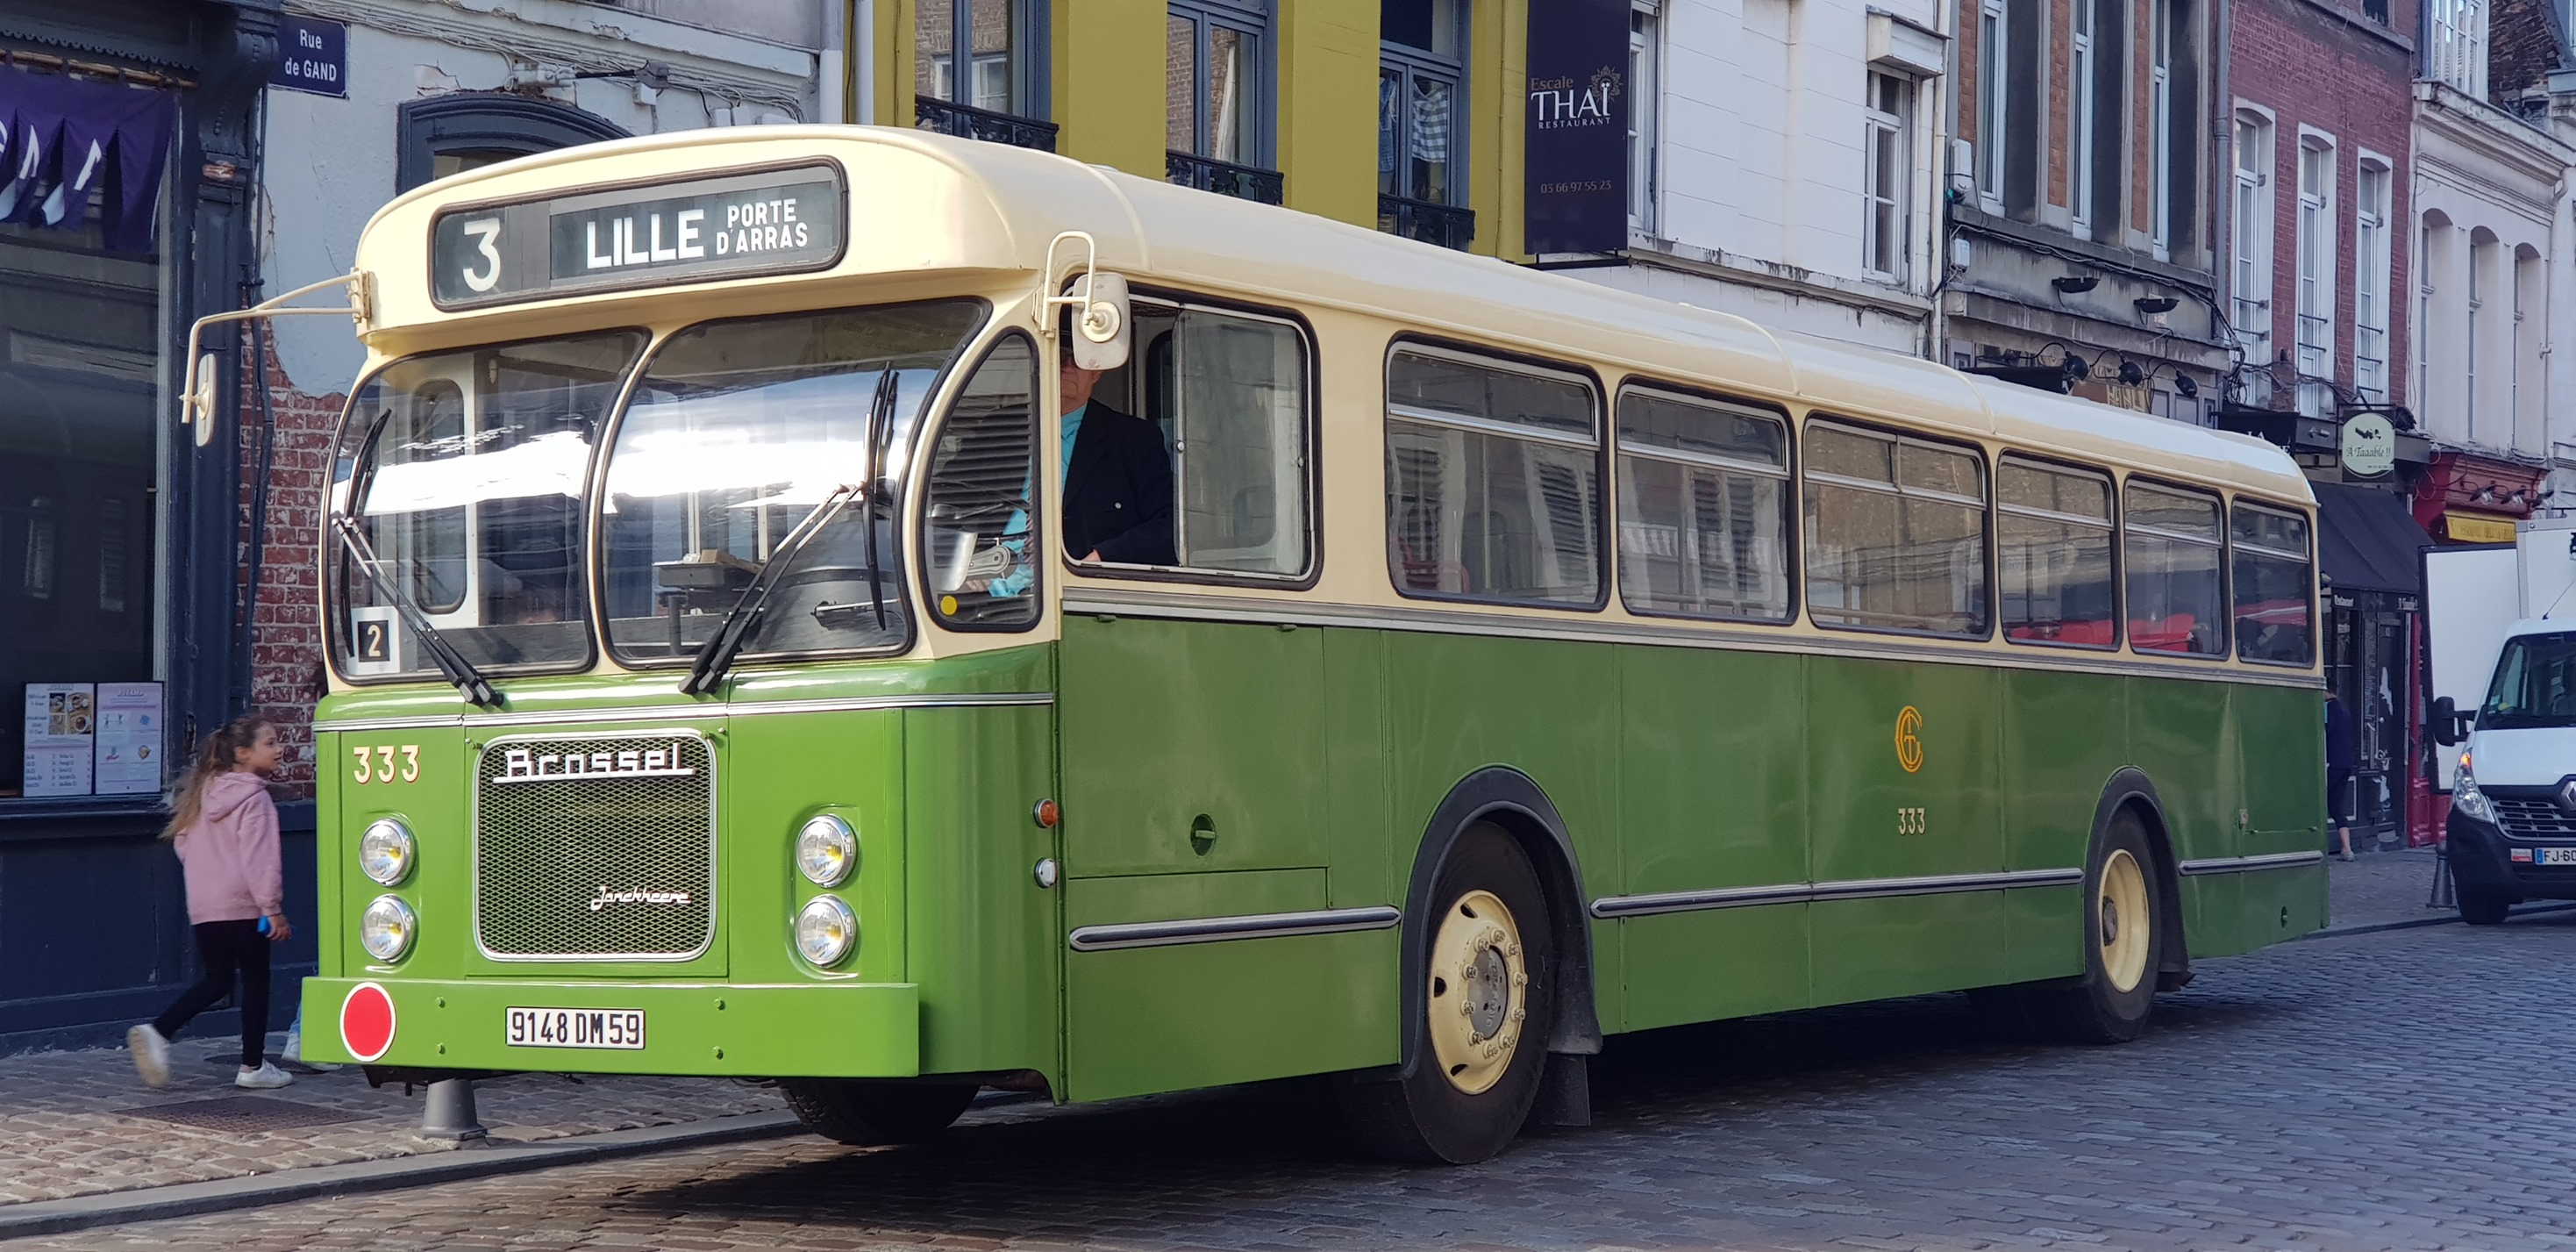 BROSSEL-A92-DAR-L-uit-1965-en-in-dienst-tot-1982--(2)